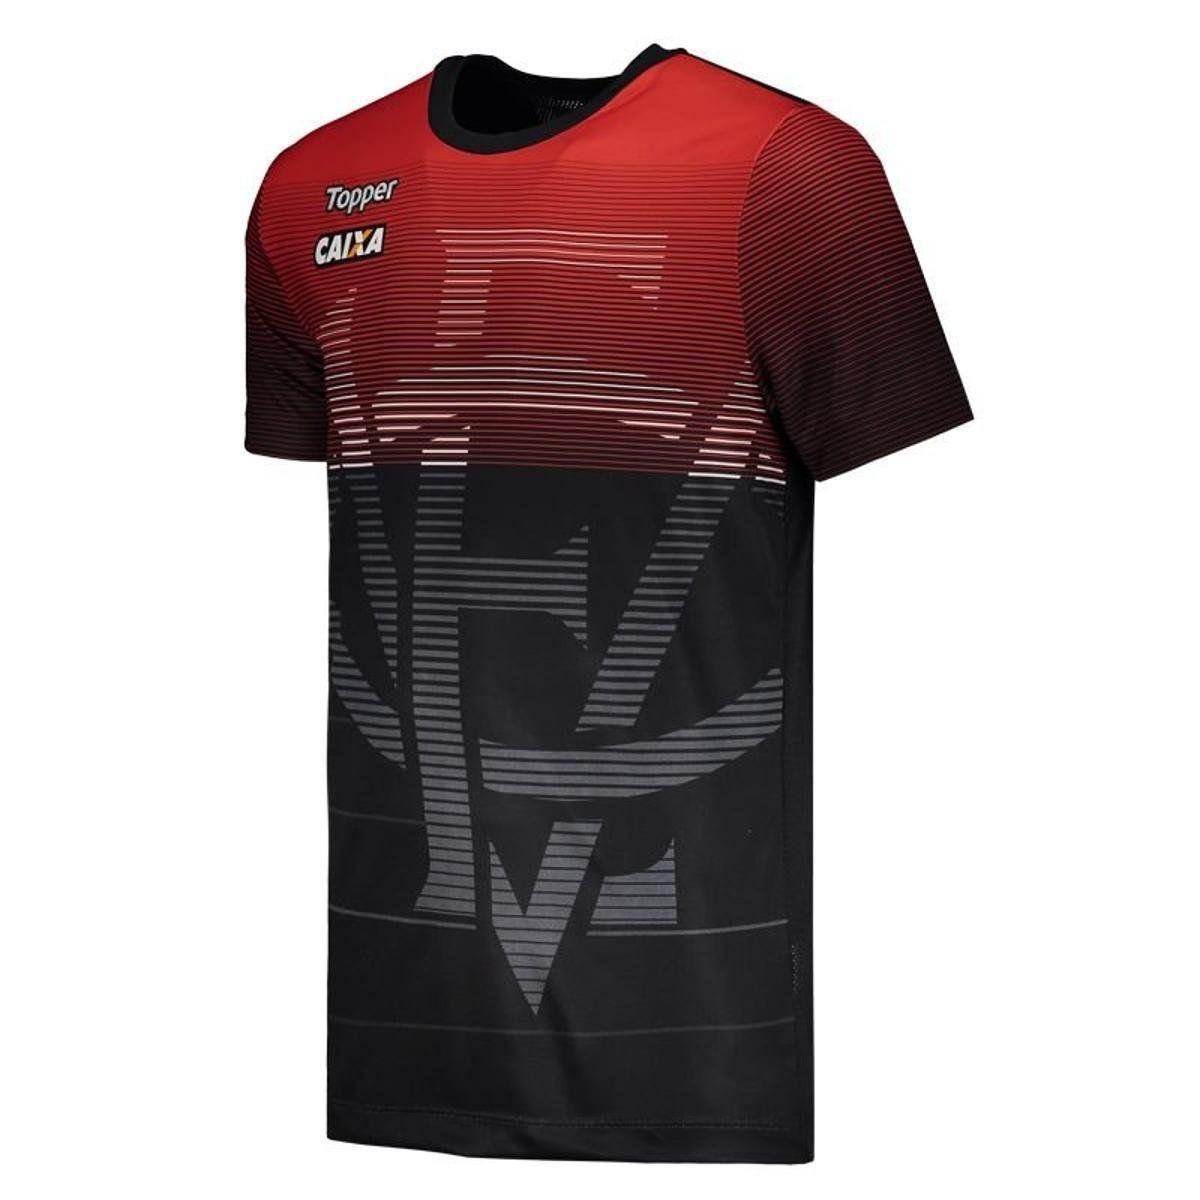 Camisa Aquecimento - Topper - 2018 - Masculina - Preto e Vermelho